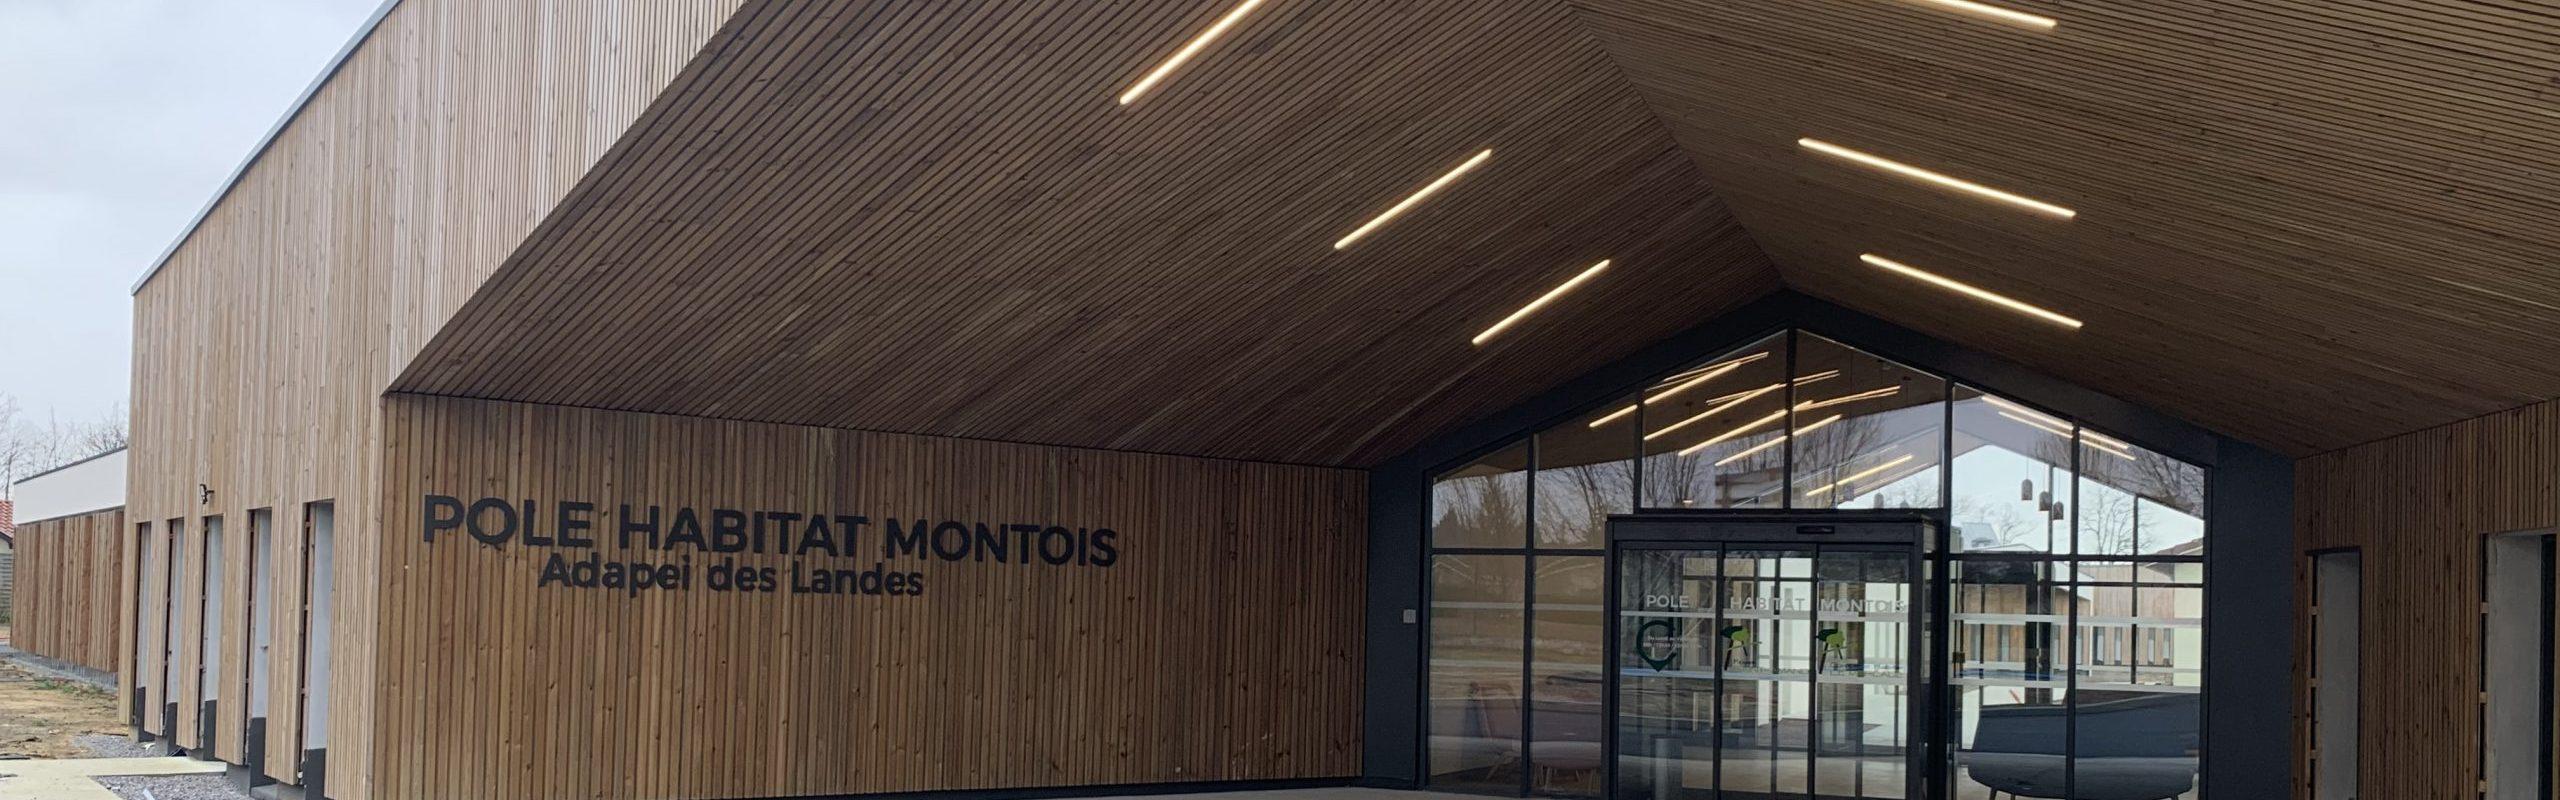 Pôle Habitat Montois